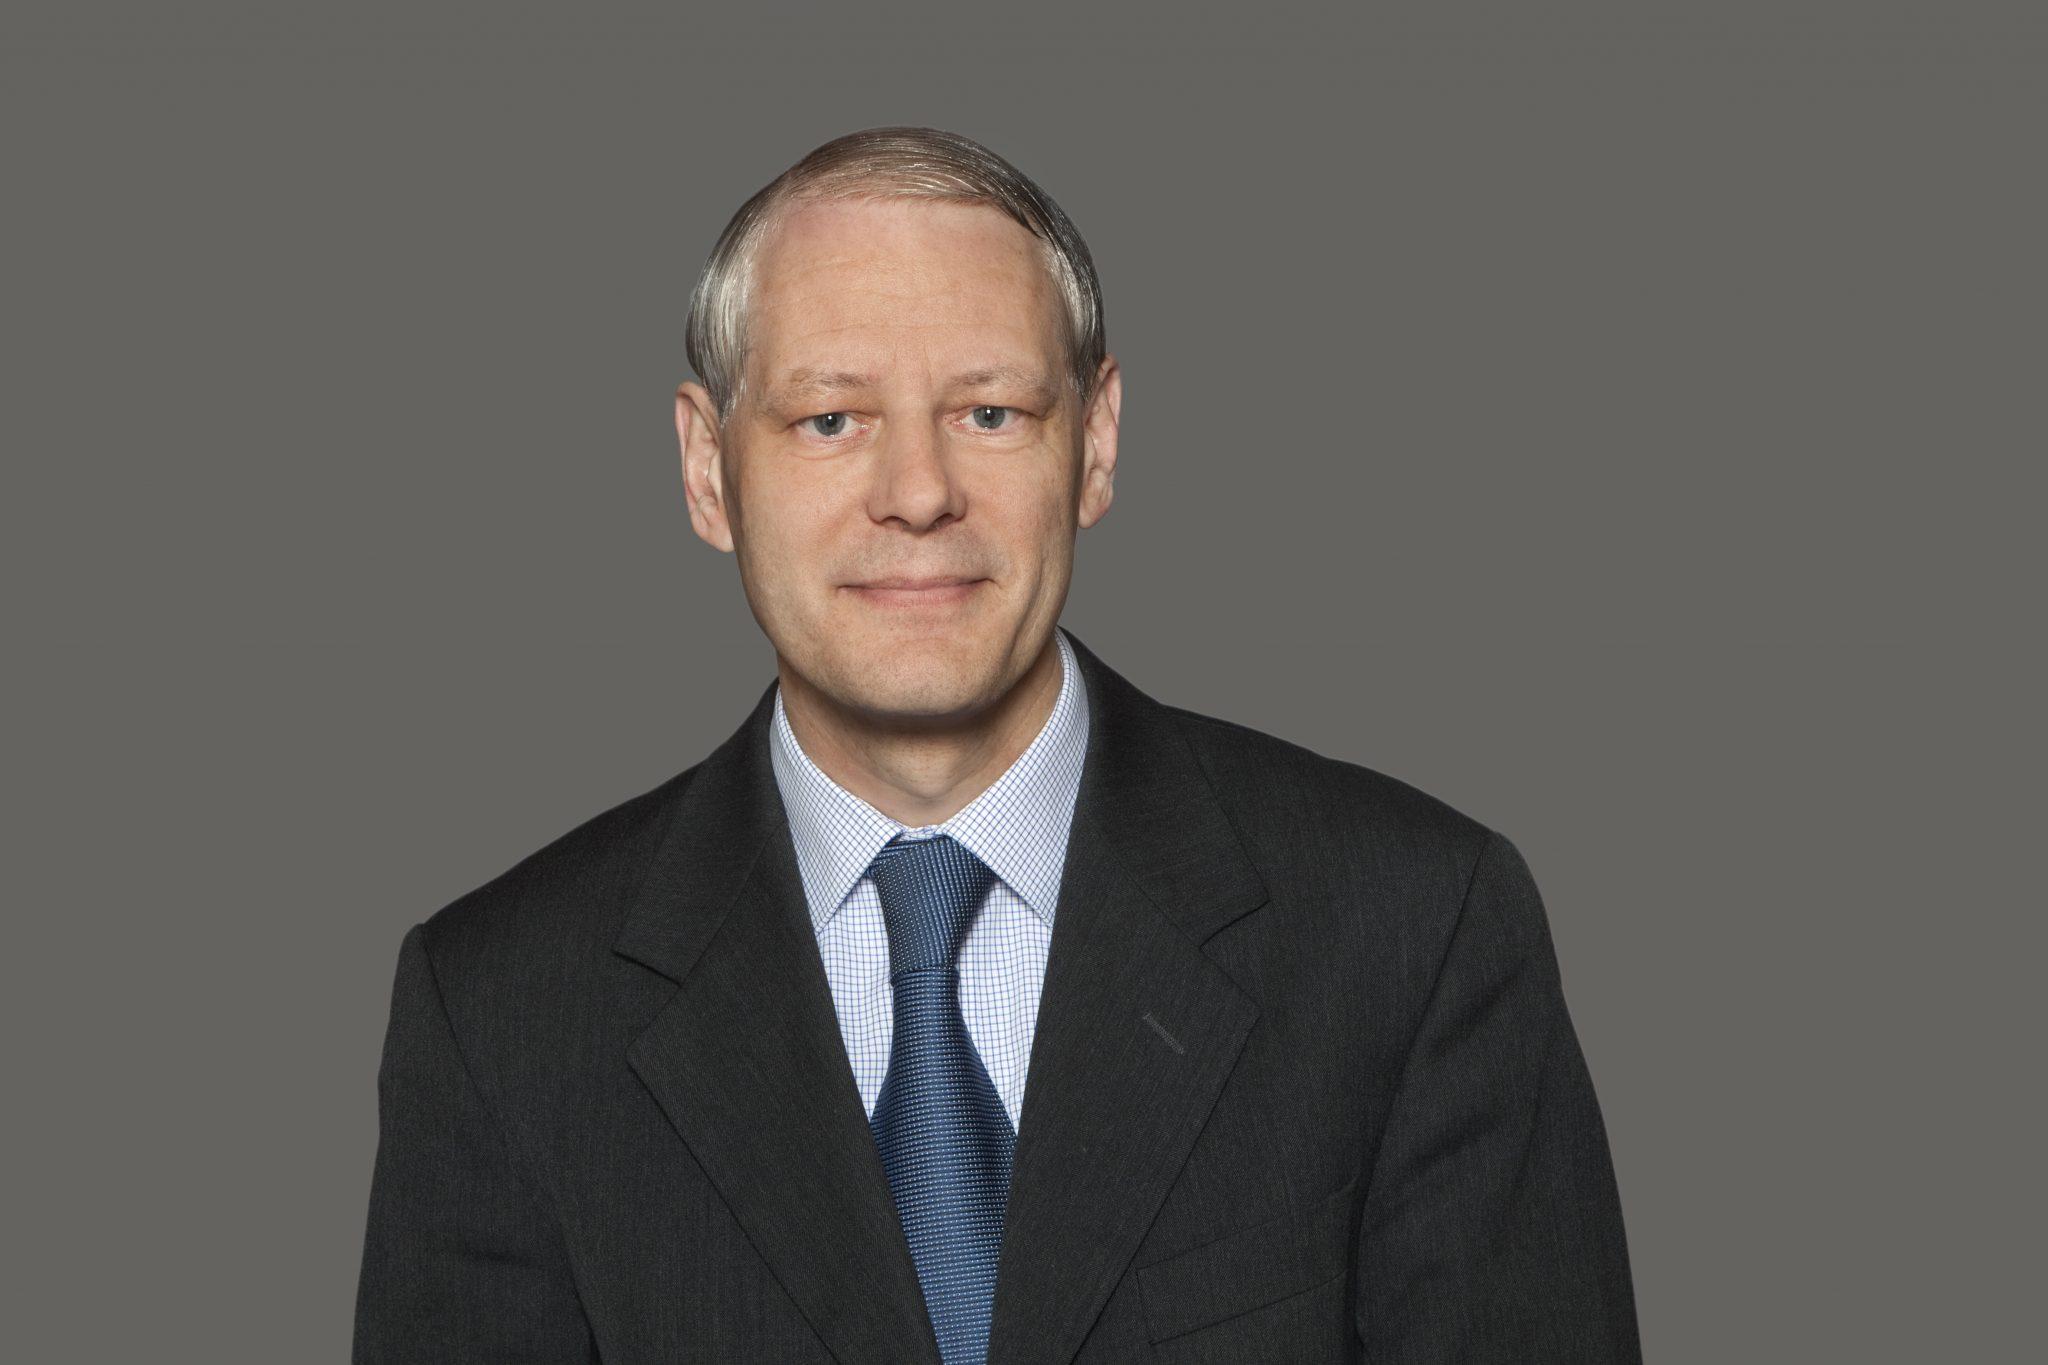 Gert Koers